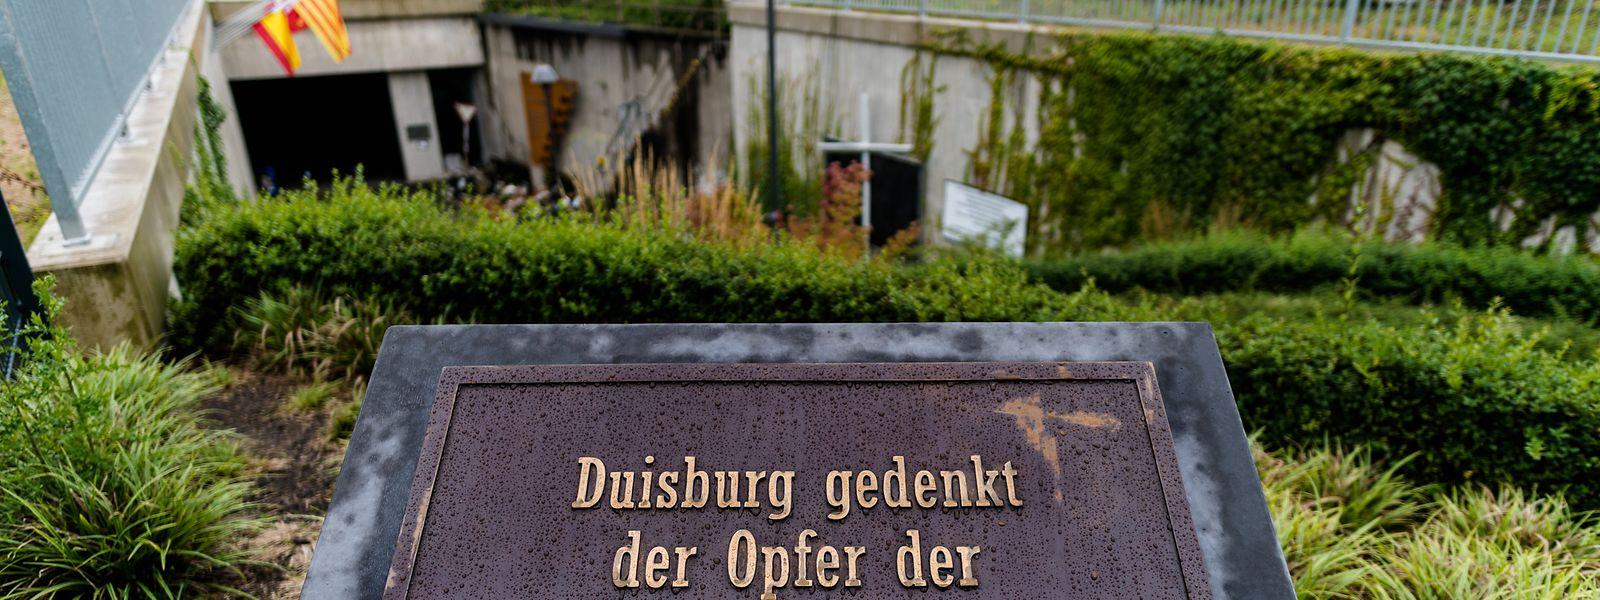 Eine Gedenktafel am Unglücksort in Duisburg erinnert an den Schreckenstag, an dem 21 Personen starben.